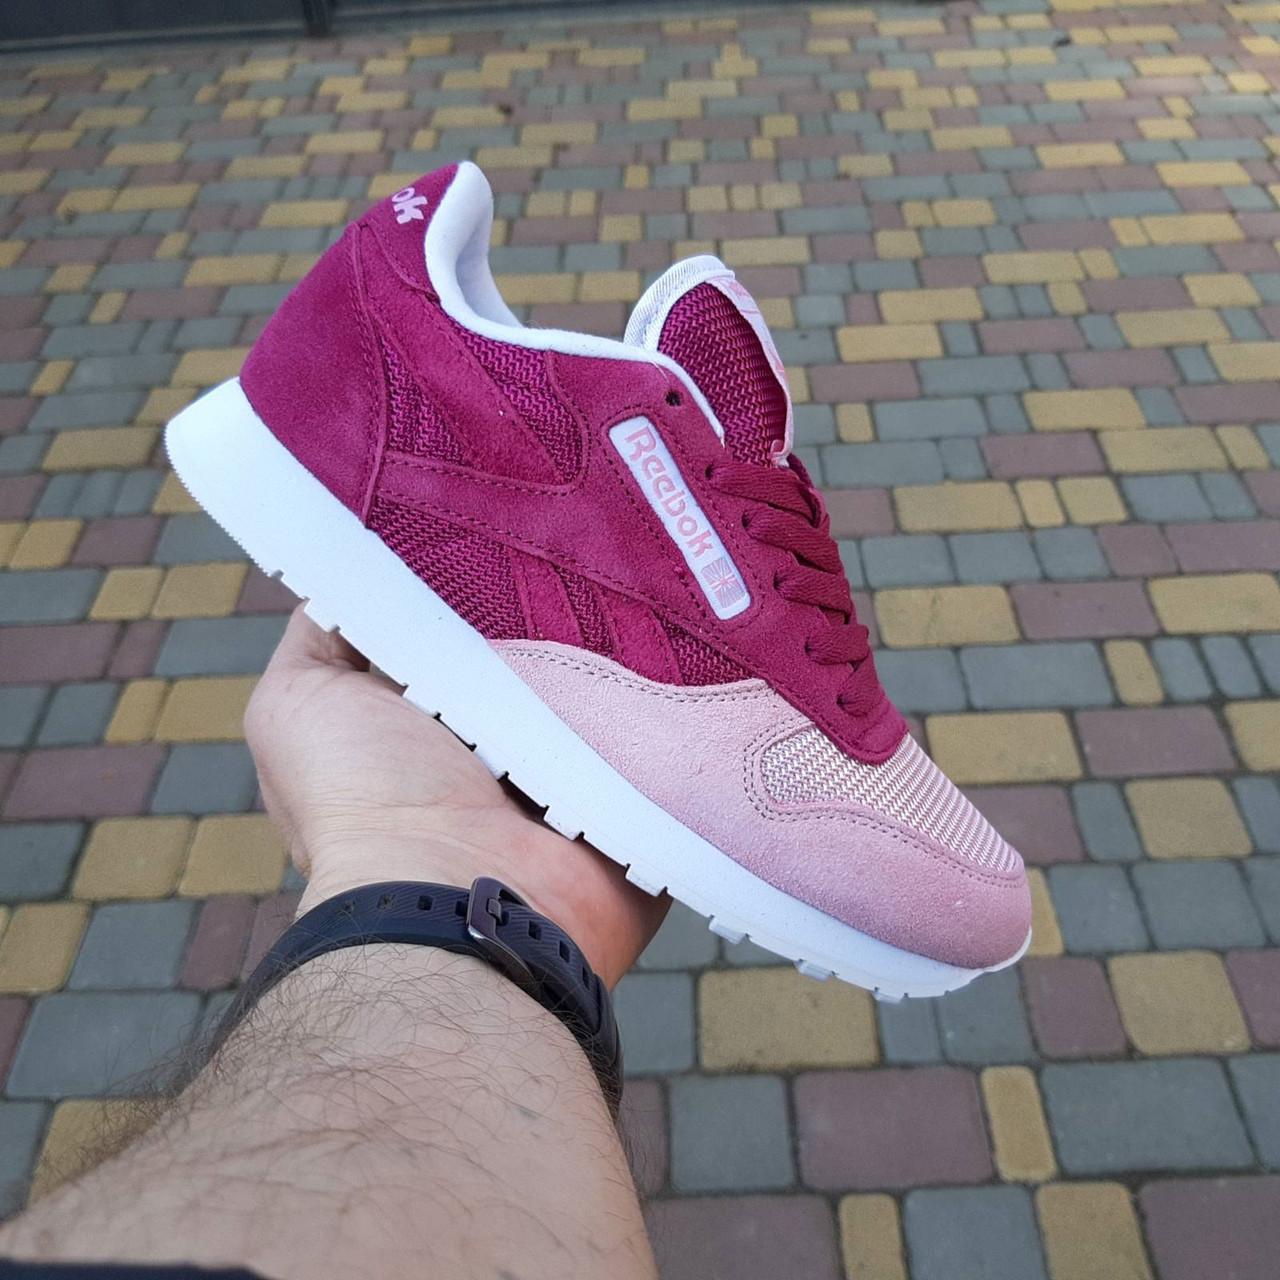 Кросівки розпродаж АКЦІЯ Reebok 550 грн 39(25 см), 40(25.5 см) останні розміри люкс копія